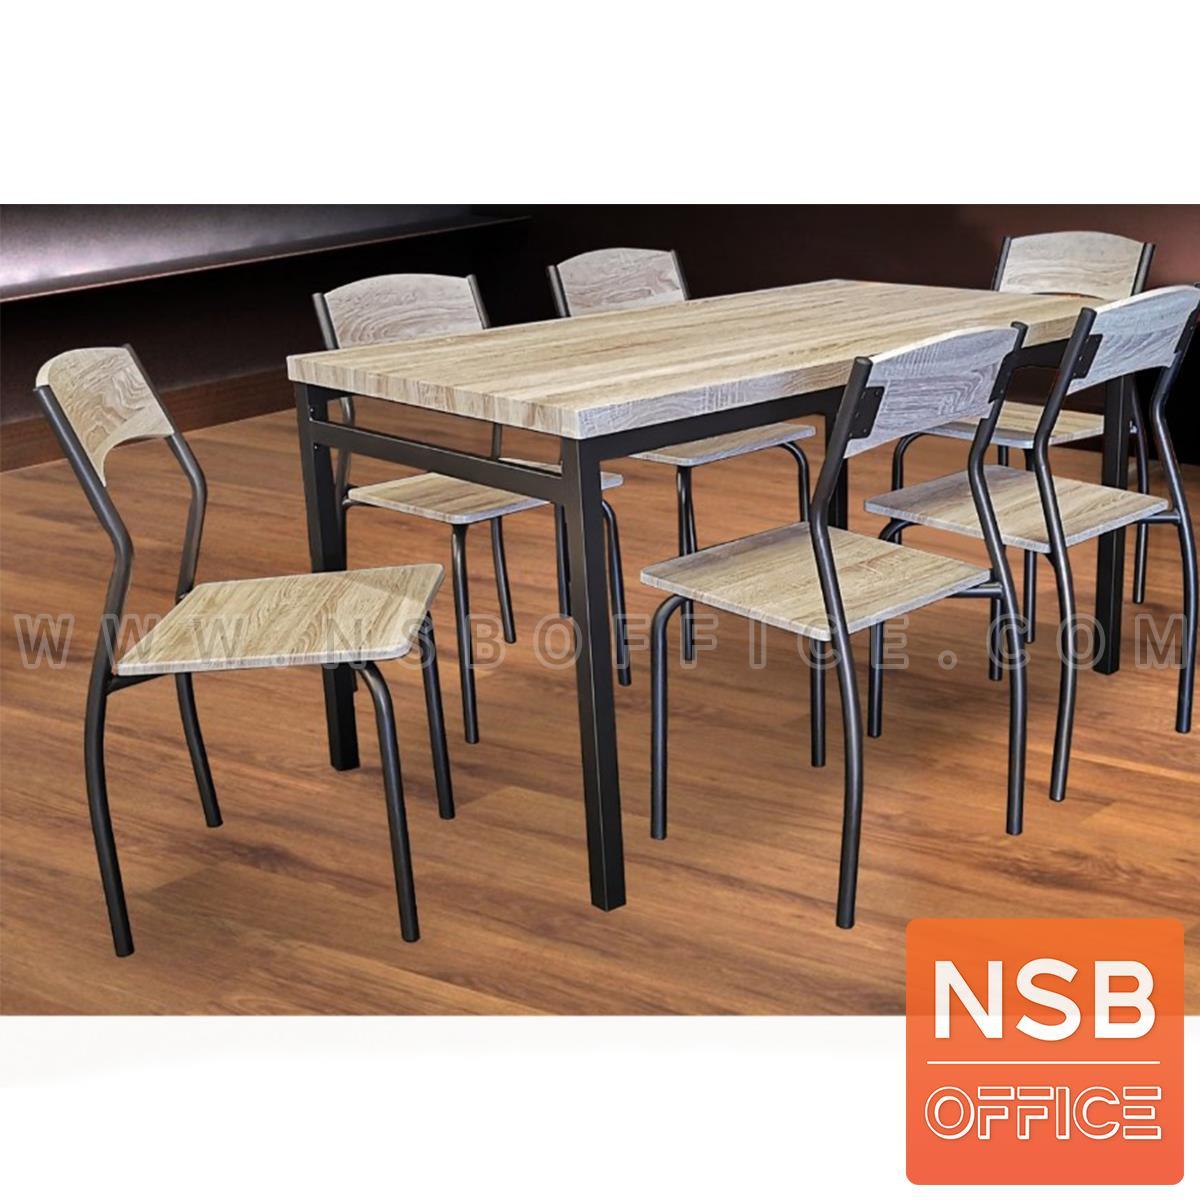 ชุดโต๊ะรับประทานอาหาร 6 ที่นั่ง รุ่น Uni (ยูนิ) ขนาด 140W cm. พร้อมเก้าอี้